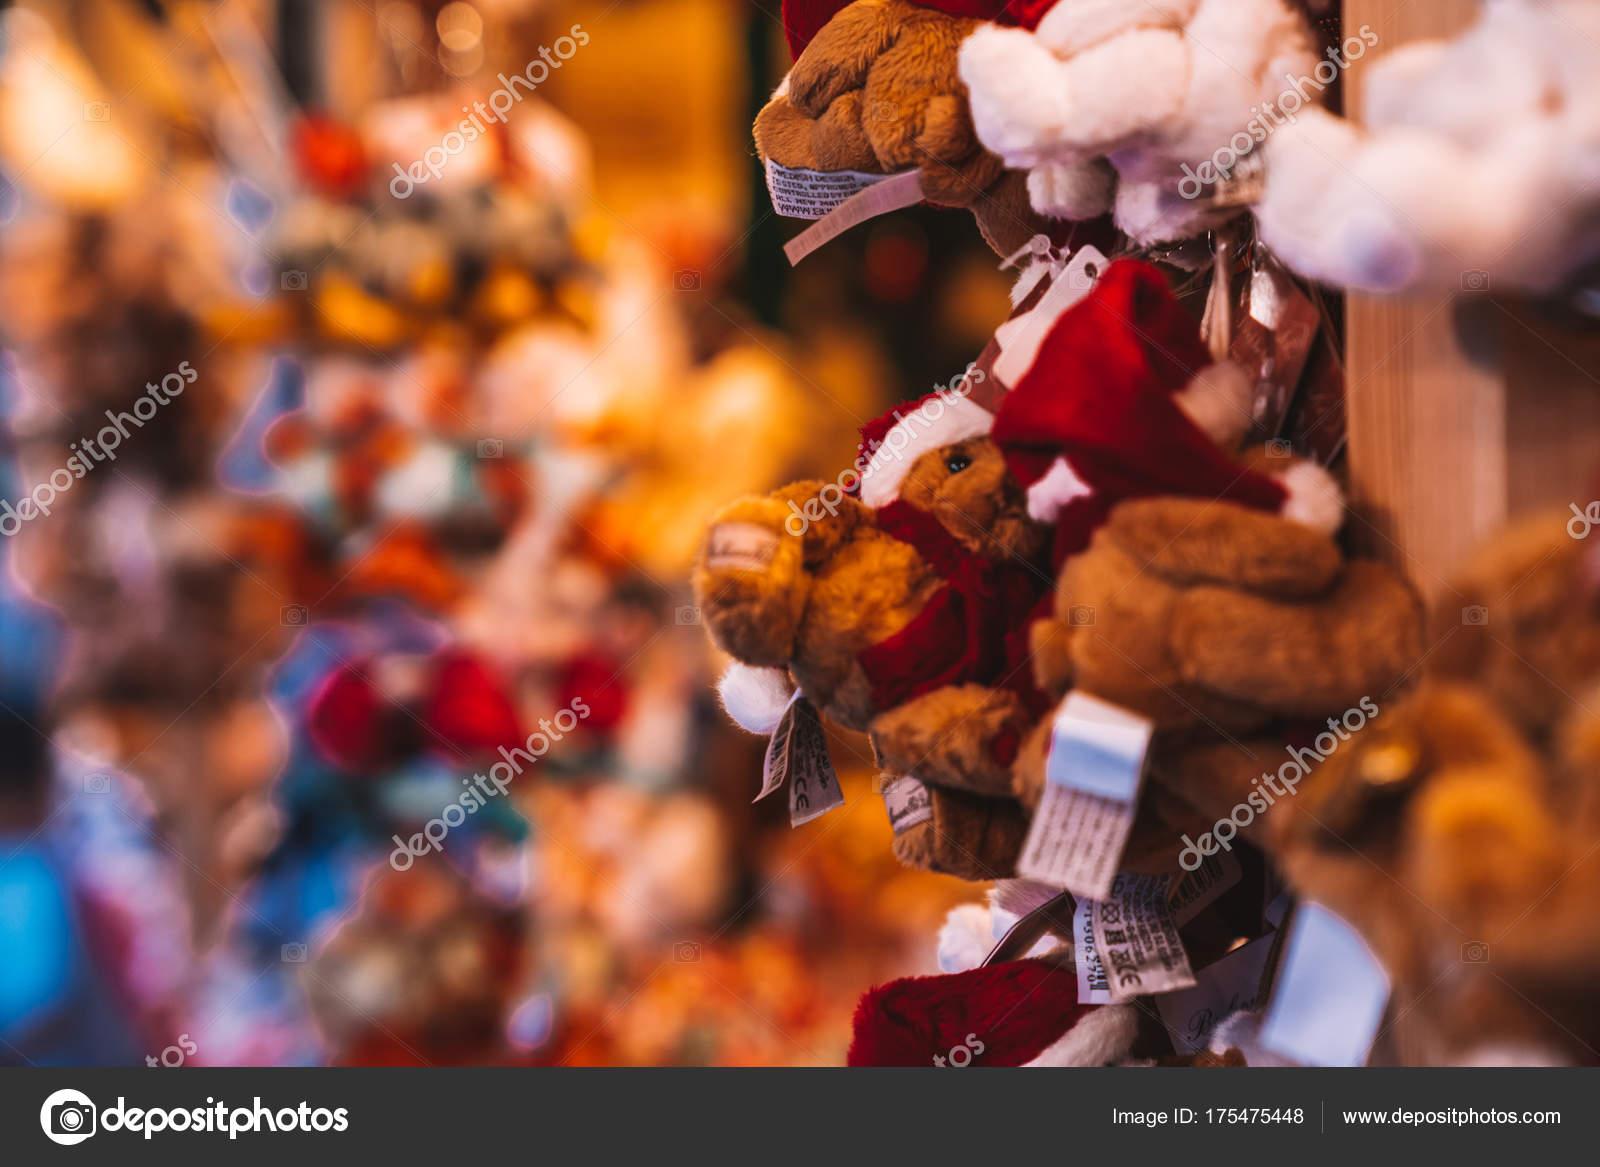 Weihnachtsmarkt Frankfurt Am Main.Süße Weihnachten Spielzeug Und Geschenke Und Den Weihnachtsmarkt